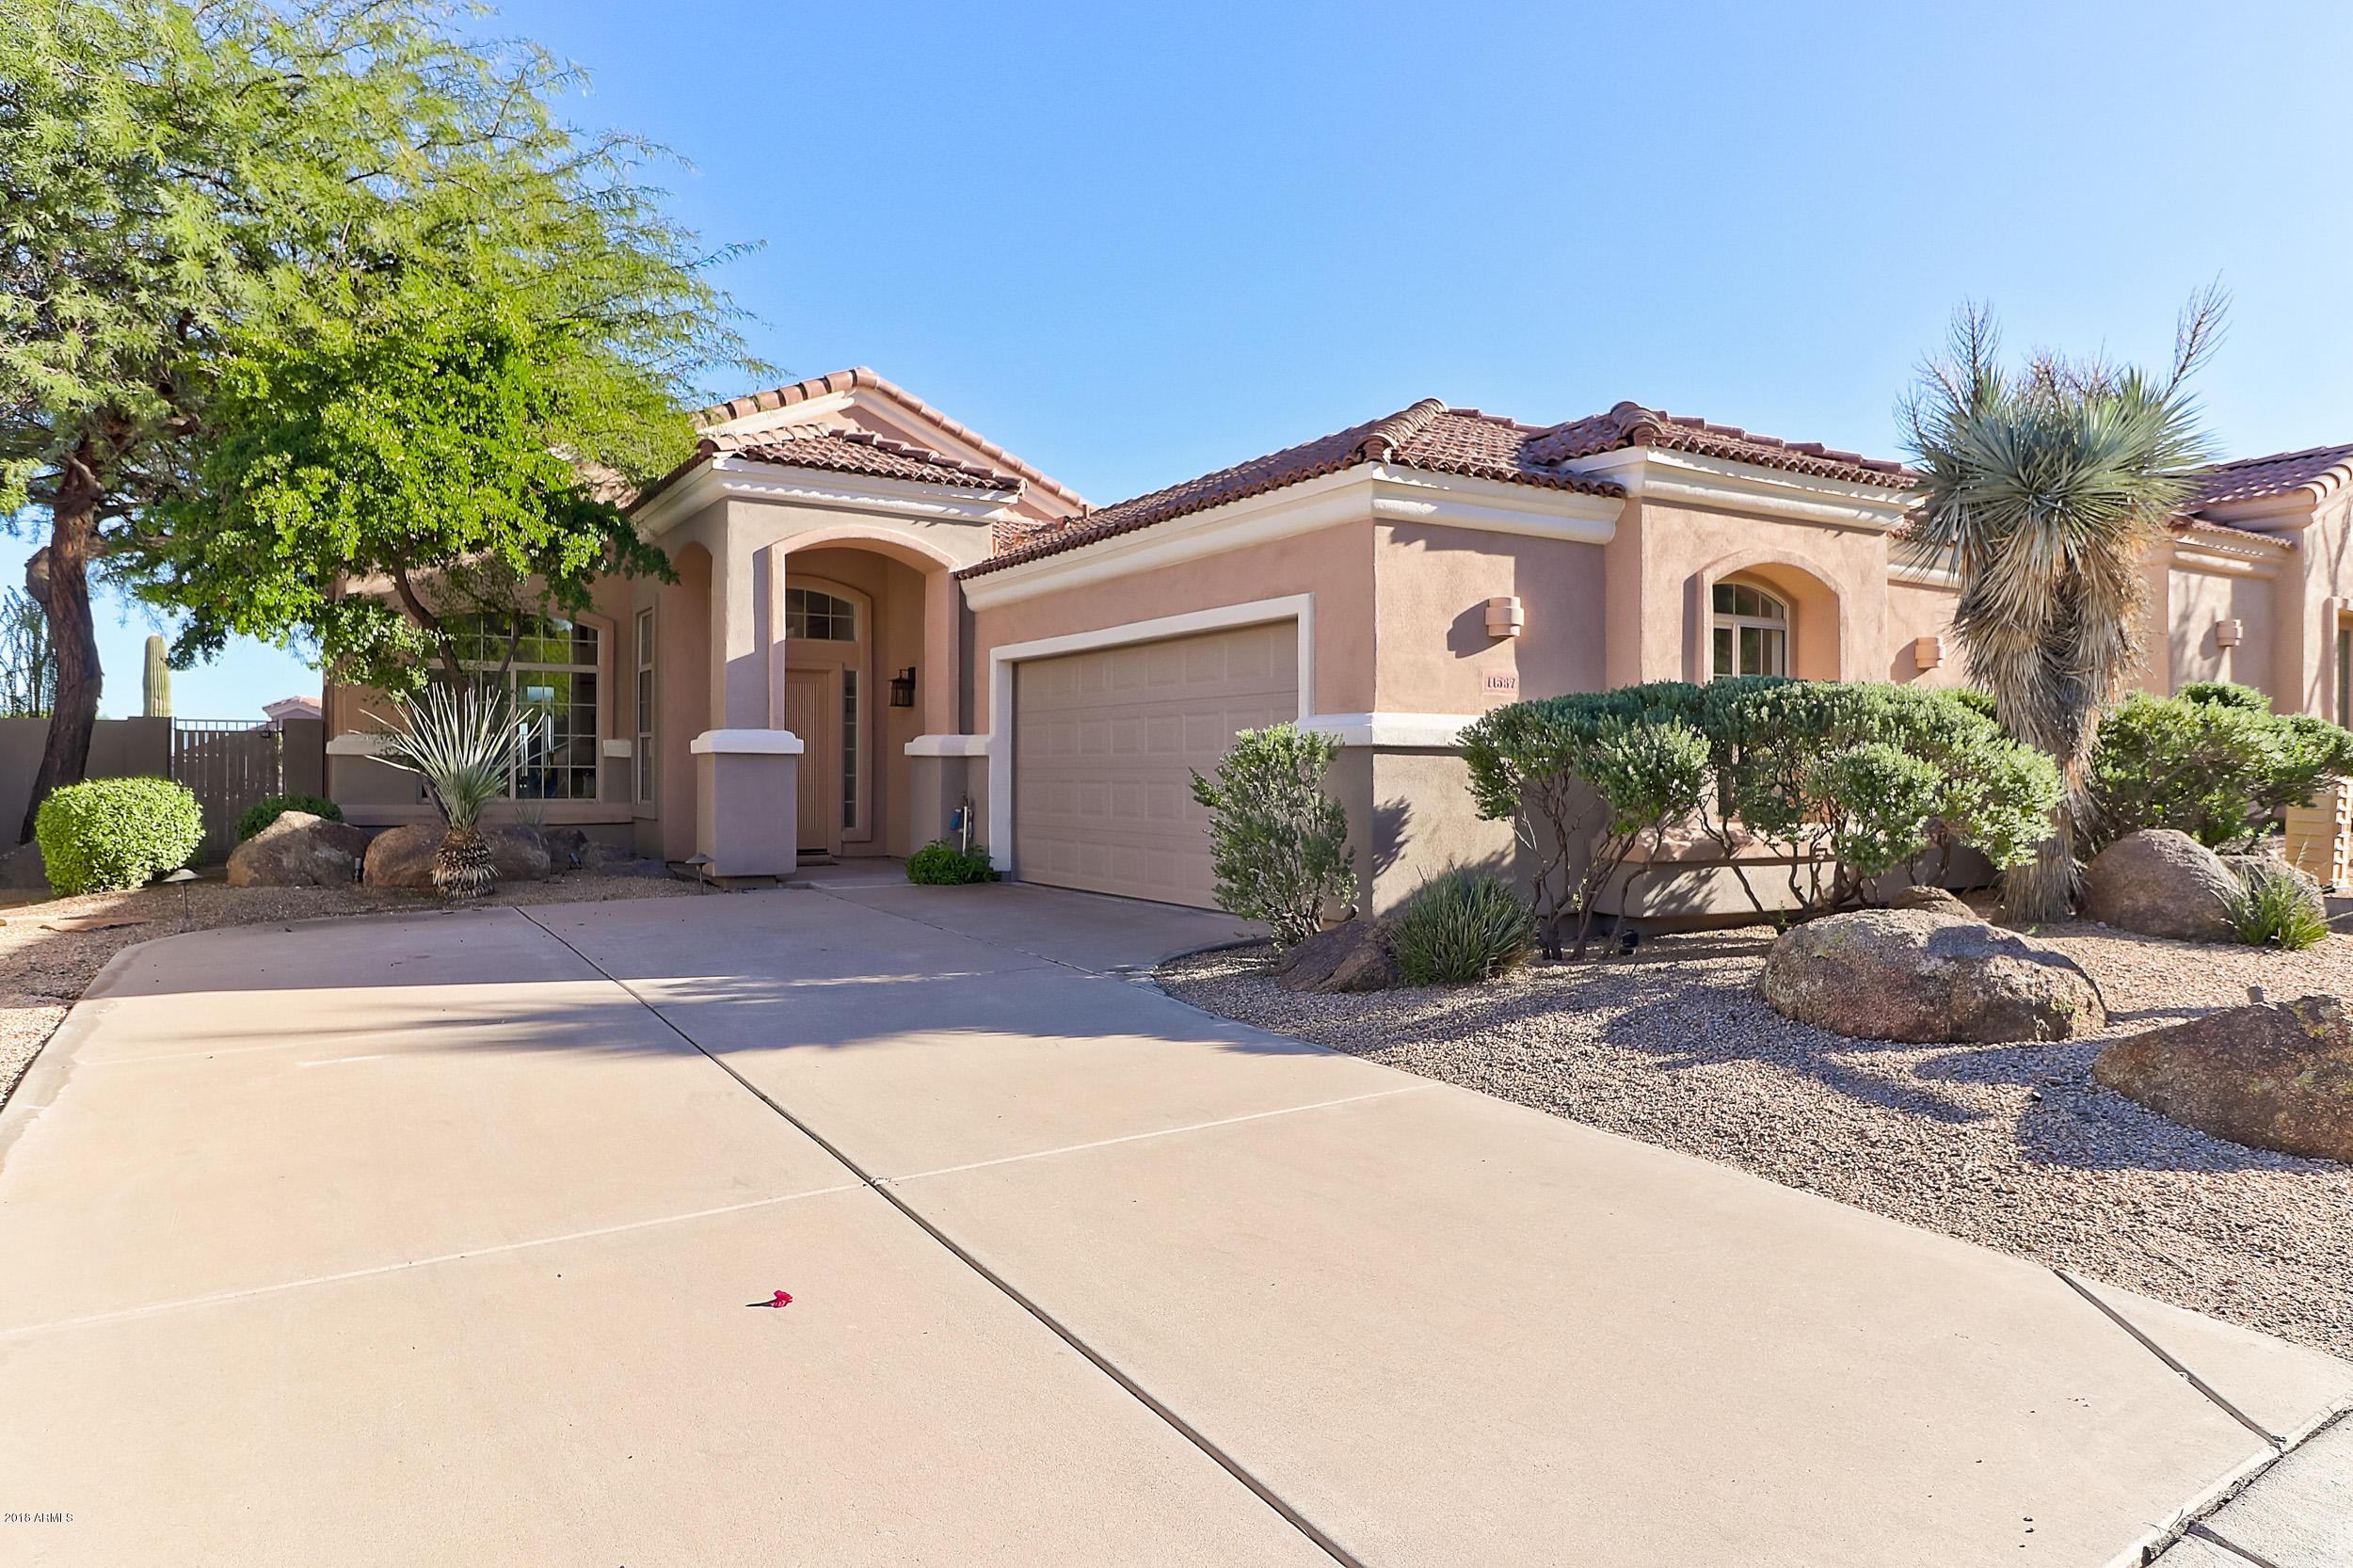 Photo of 11567 E Desert Willow Drive, Scottsdale, AZ 85255